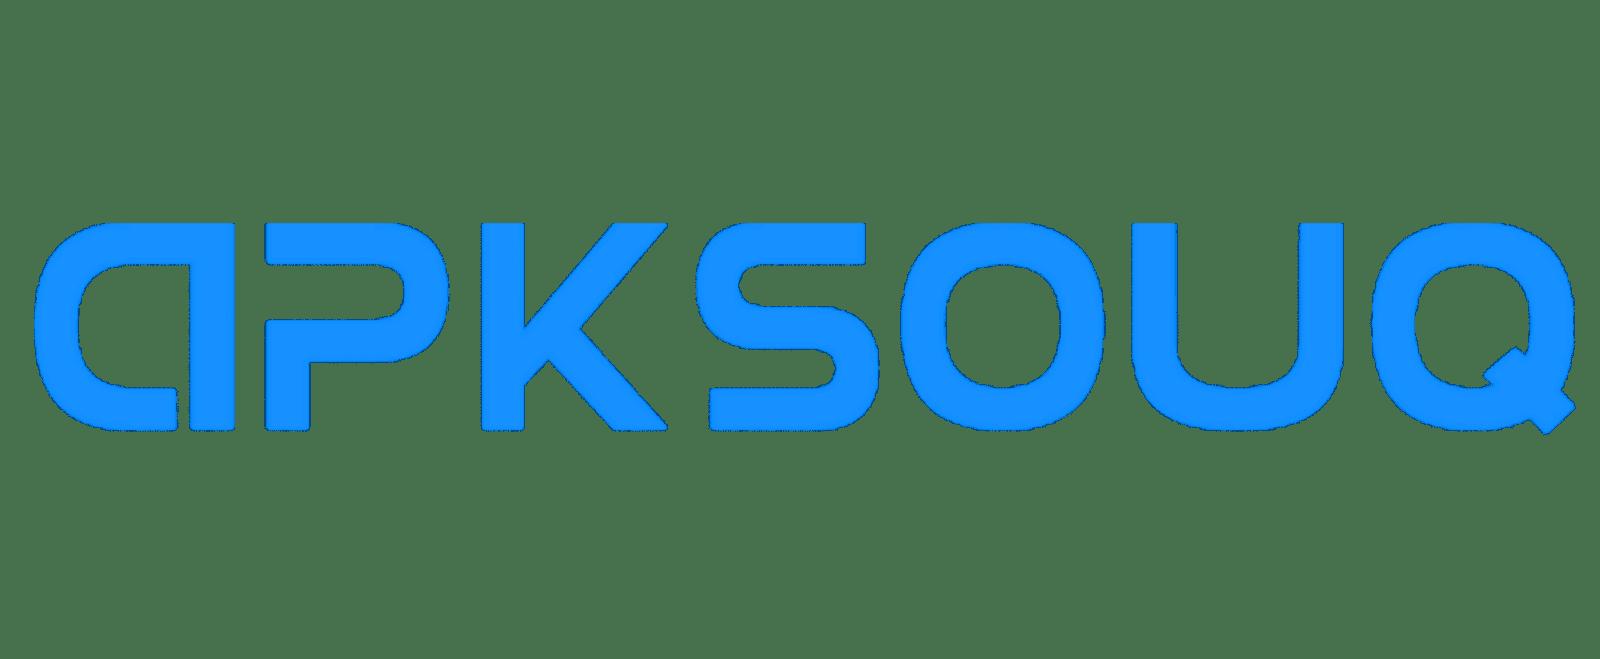 تحميل العاب مهكرة APK 2022 - من خلال موقعنا سوق الالعاب APK ، يمكن لكم تنزيل احدث الالعاب المهكرة و التطبيقات المدفوعة 2022 مجانا بروابط خارجية مباشرة.